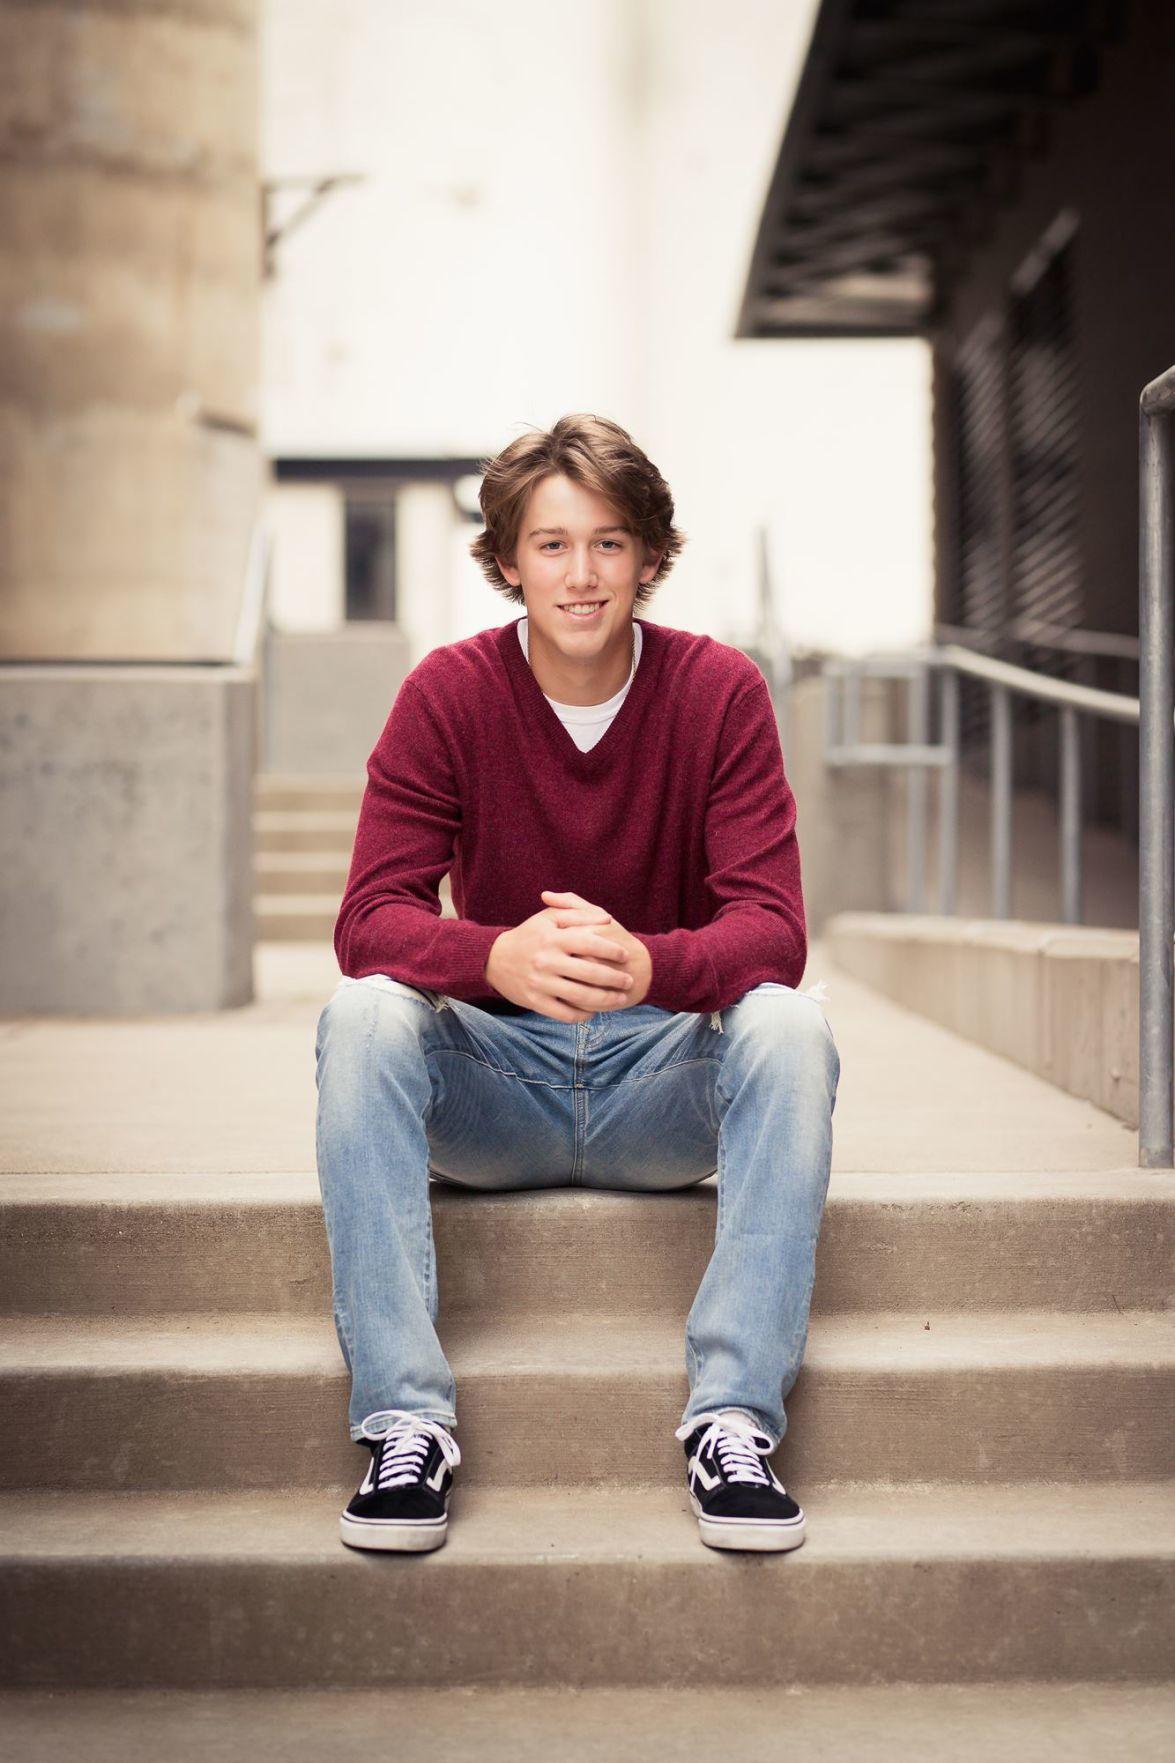 Mitchell Remarcik, Burnsville High School